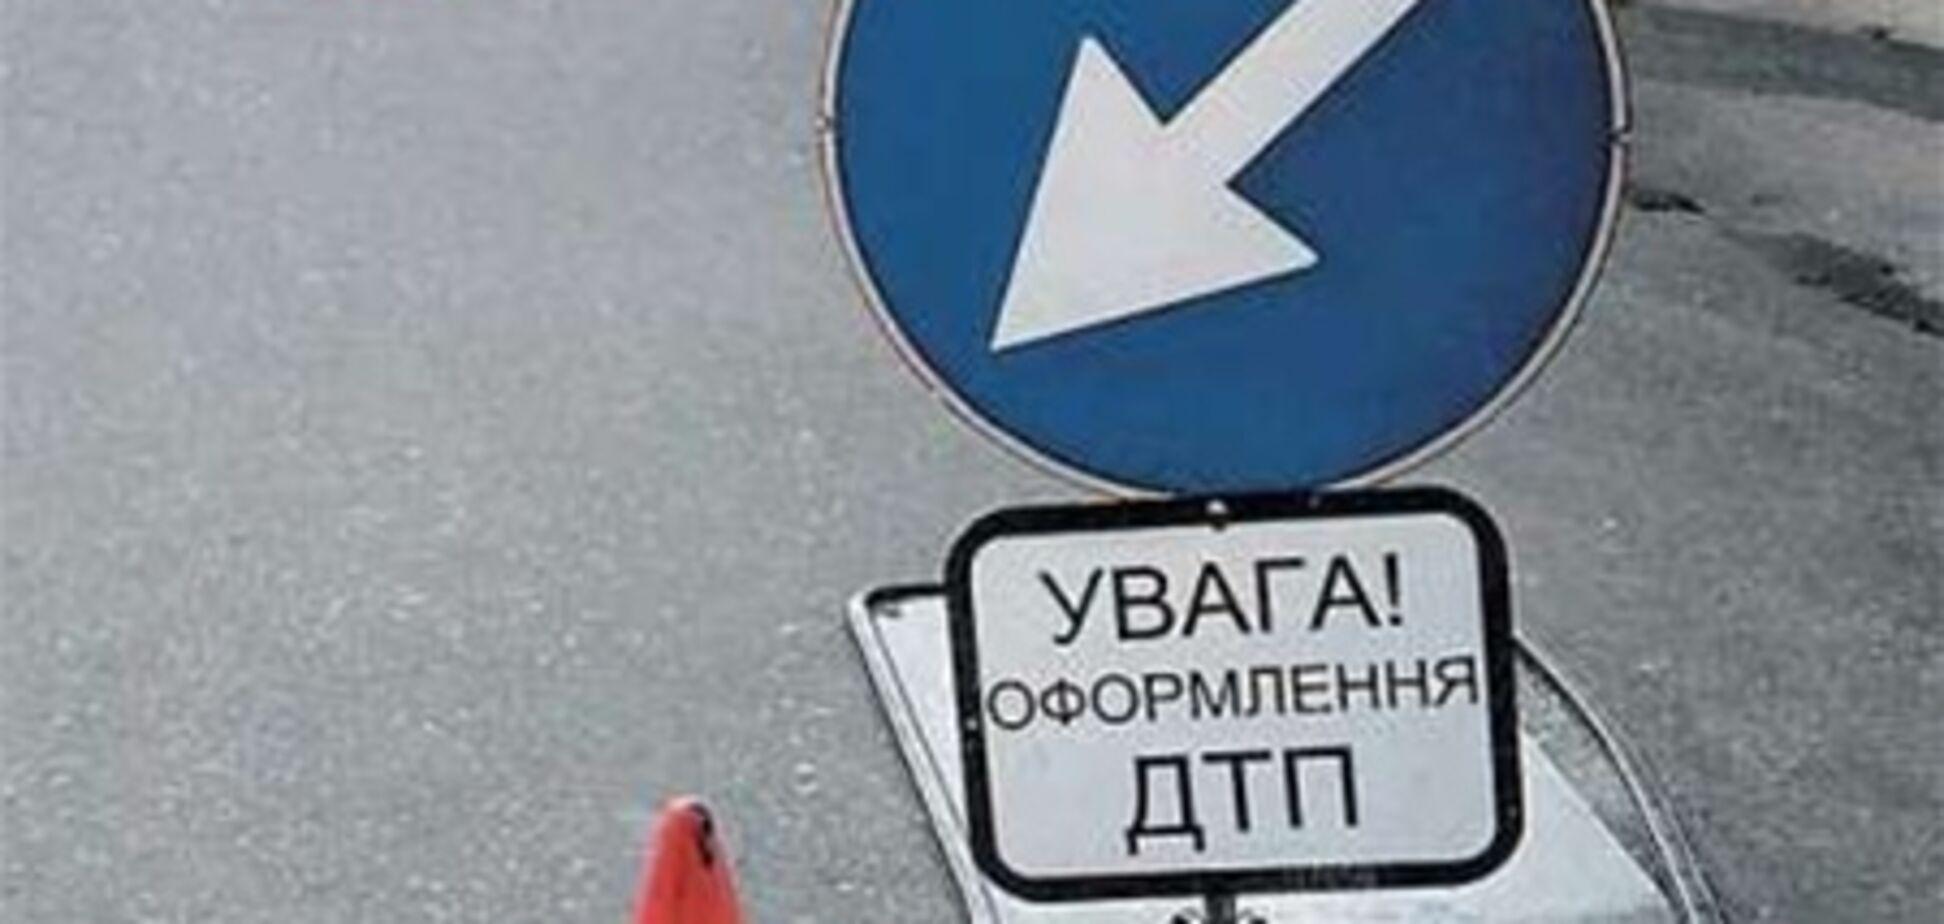 Число жертв столкновения микроавтобусов в Крыму выросло до шести